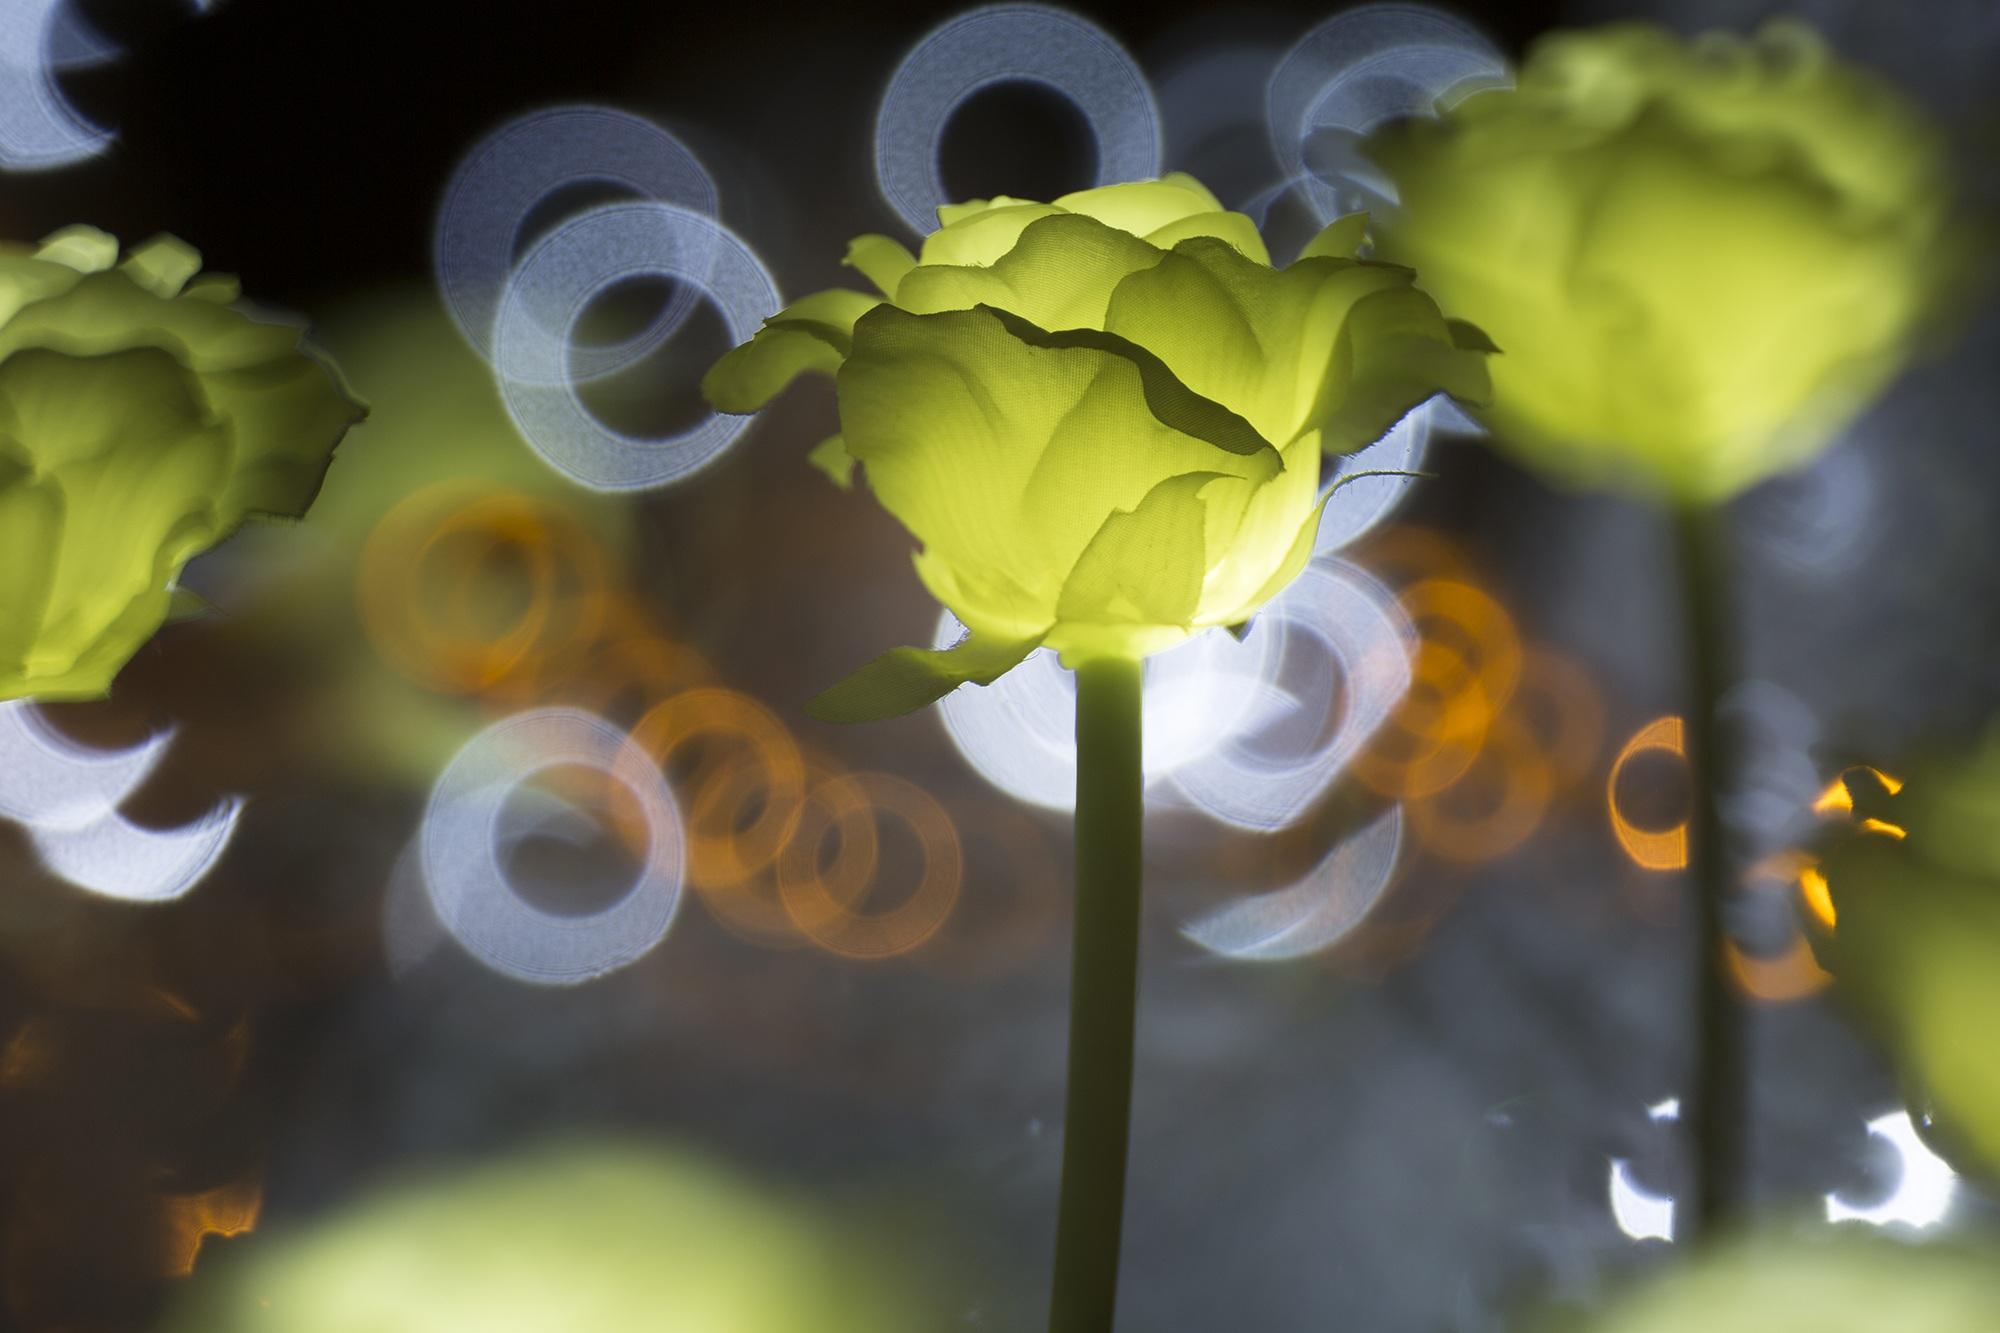 Kostenlose foto : Natur, blühen, Nacht-, Fotografie, Sonnenlicht ...